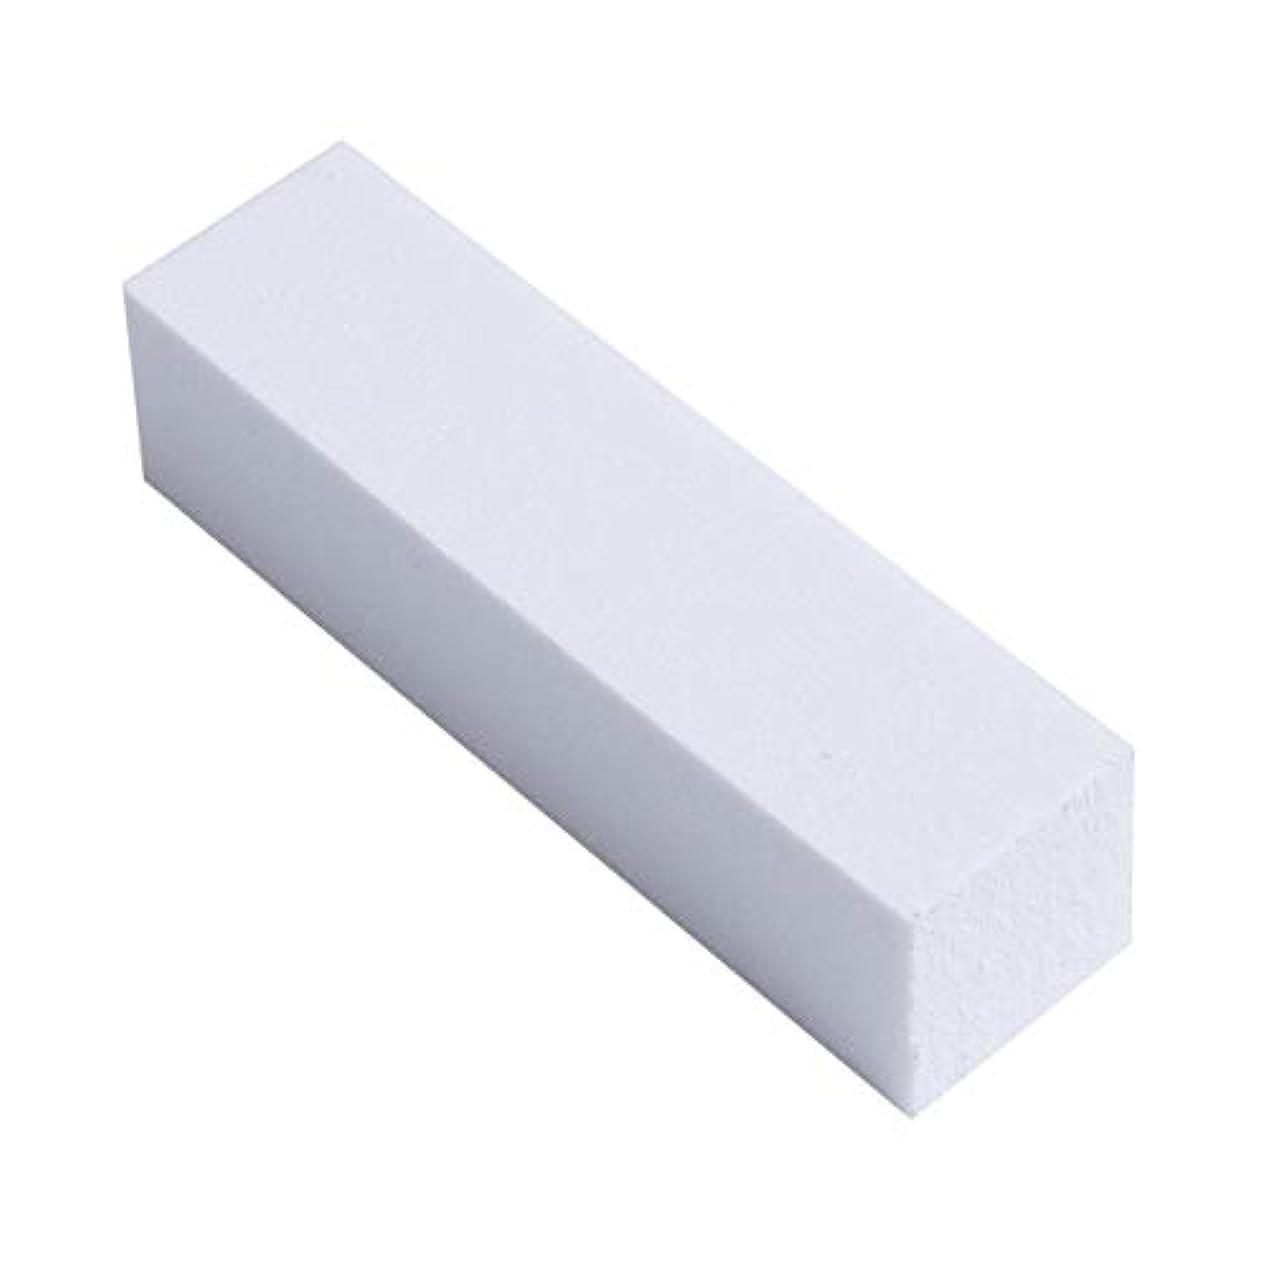 信頼できるタービン豪華な爪やすり TOMIWANG 5本 ネイルケア やすり スポンジネイルファイル ジェルネイル用ファイル 4面ブロックバッファー爪ヤスリ ネイルケアセッ.